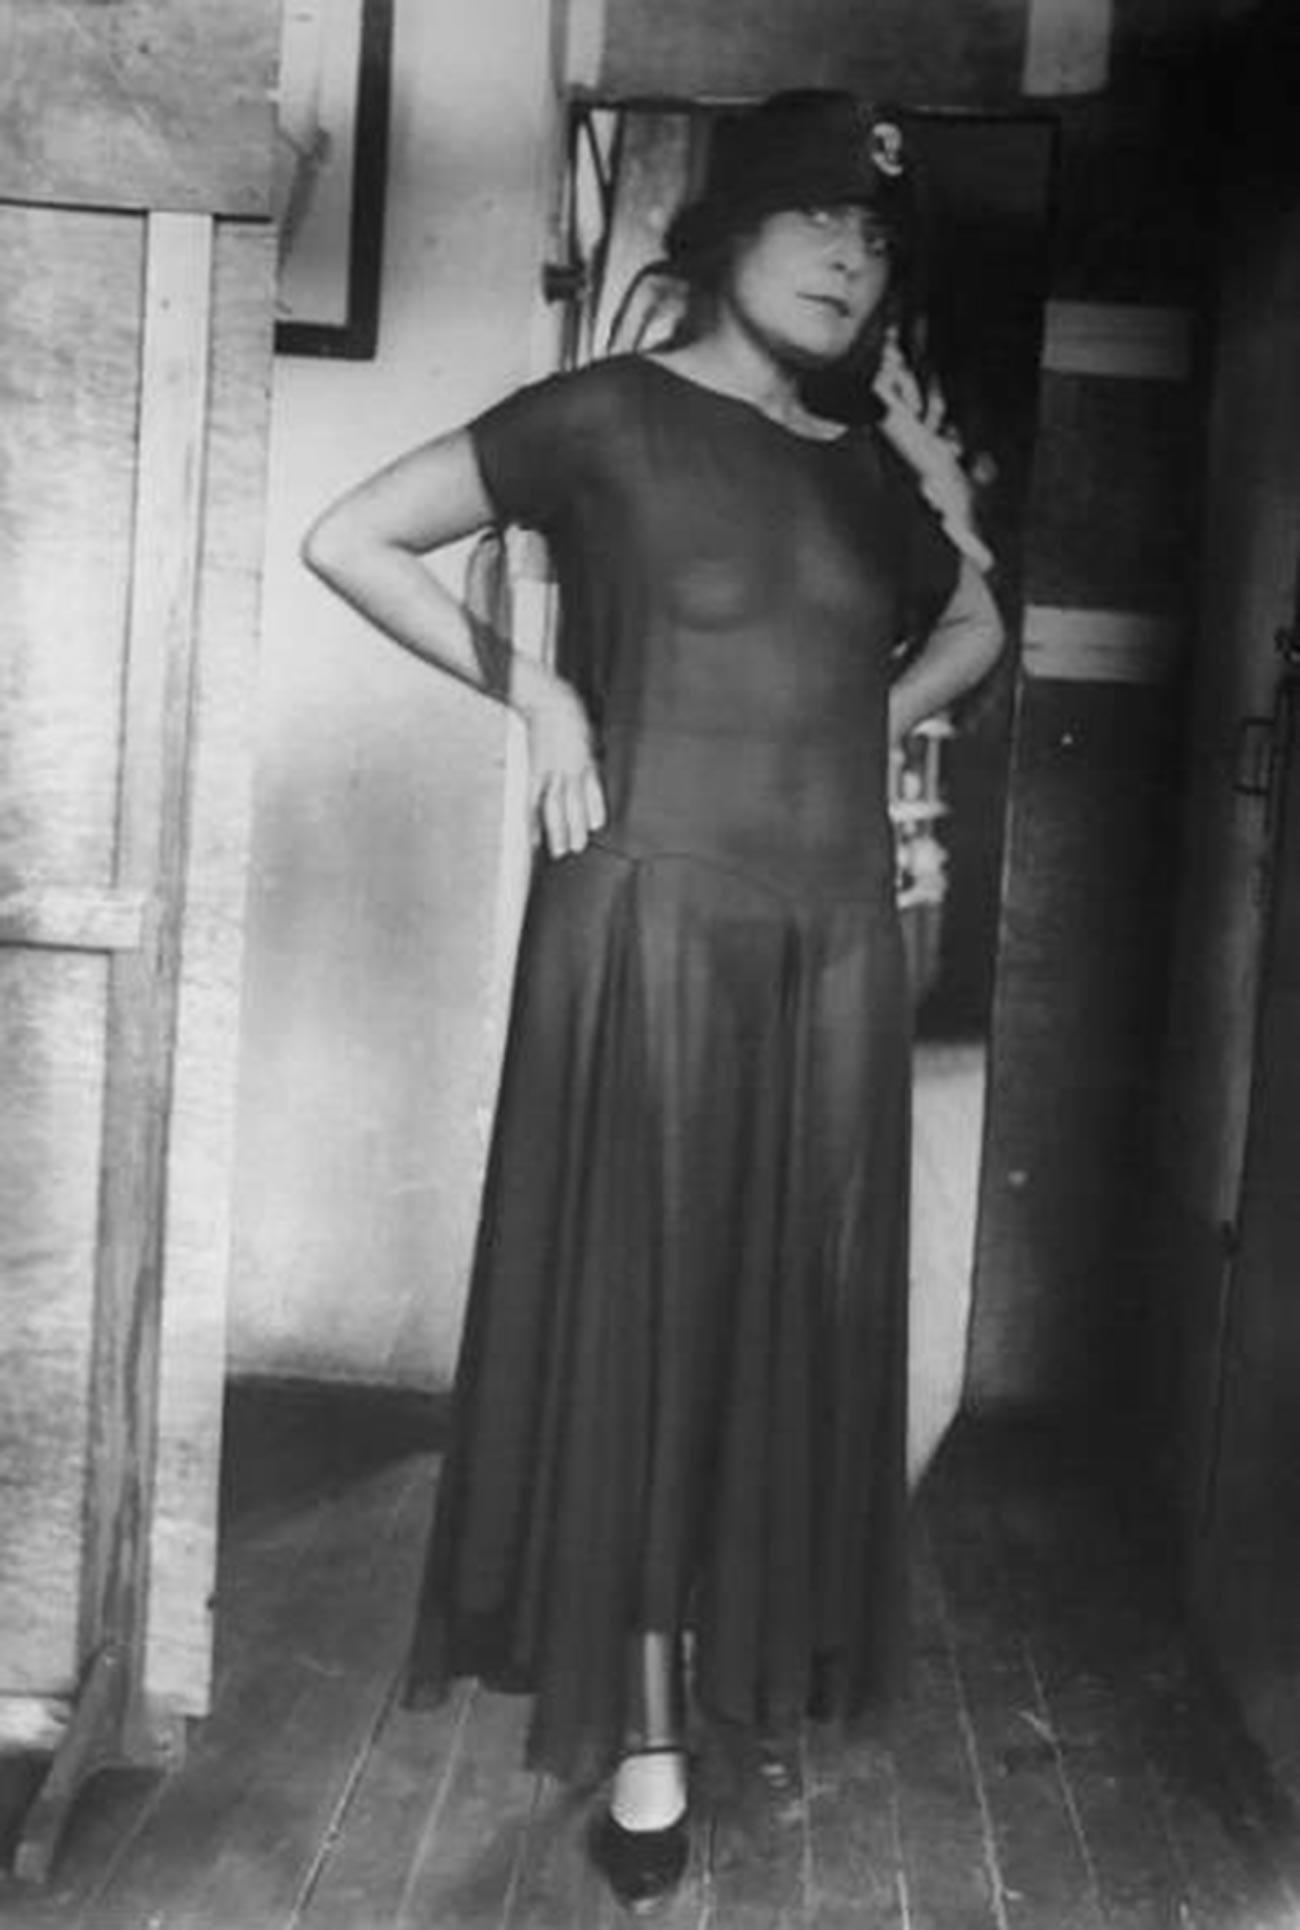 Секс-символ раннего СССР и муза Владимира Маяковского, Лиля Брик в прозрачном платье, 1924.